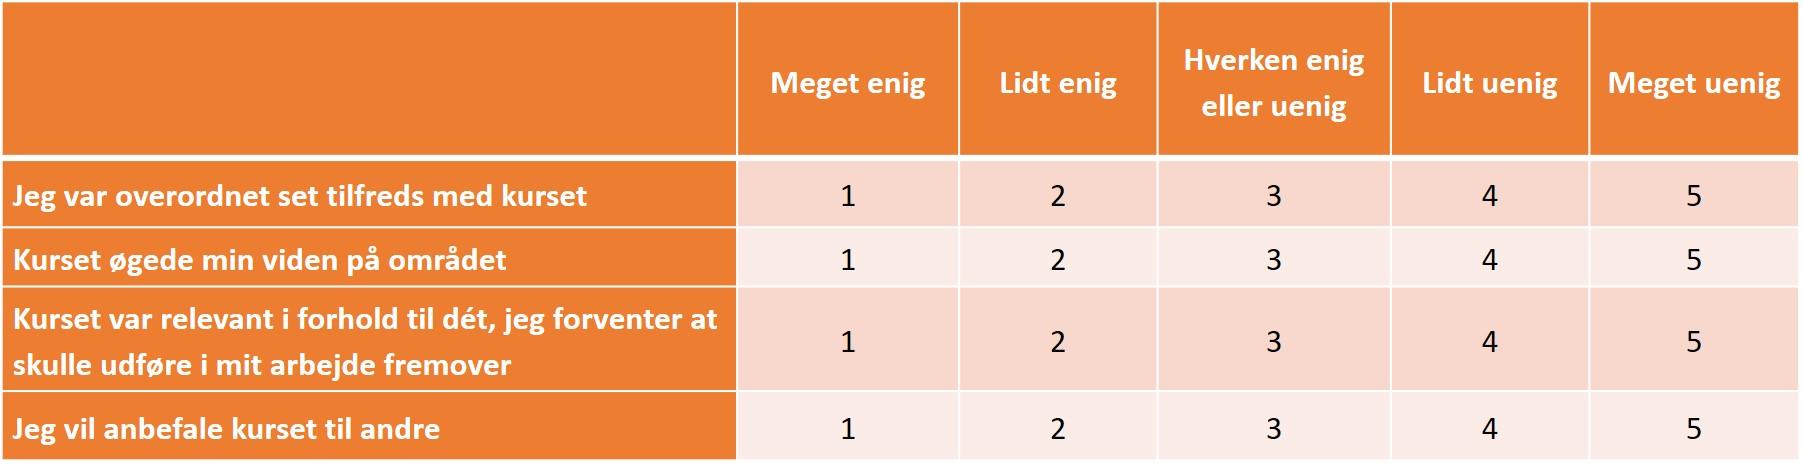 Roiit - Kirkpatrick Niveau 1 Enkel Undersøgelse